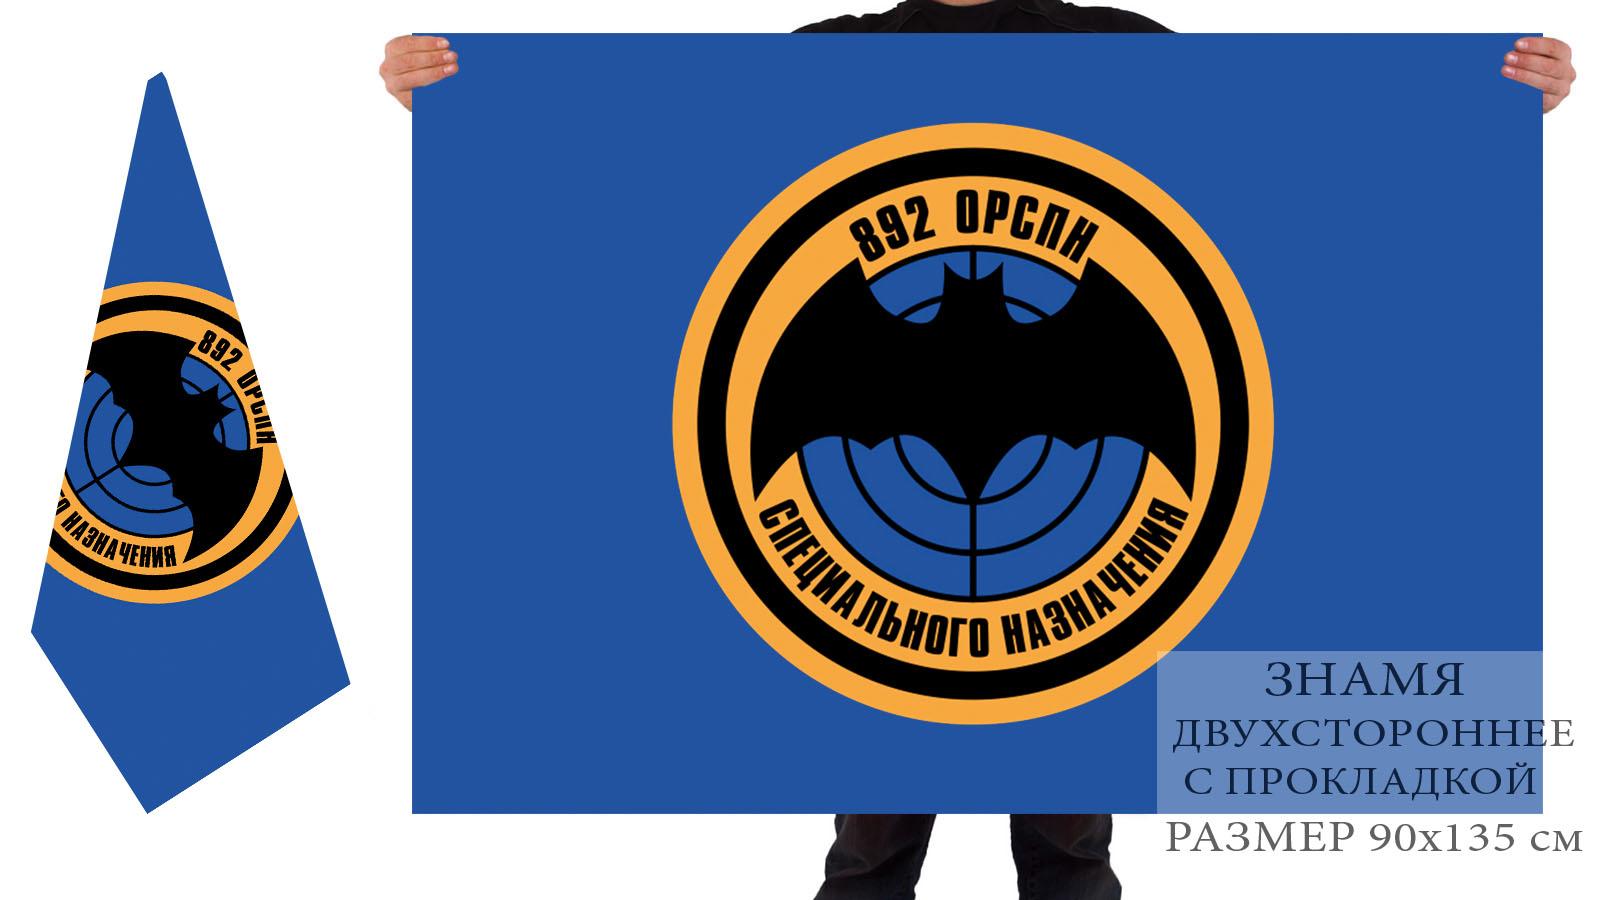 Двусторонний флаг 876 ОРСпН спецназа ГРУ